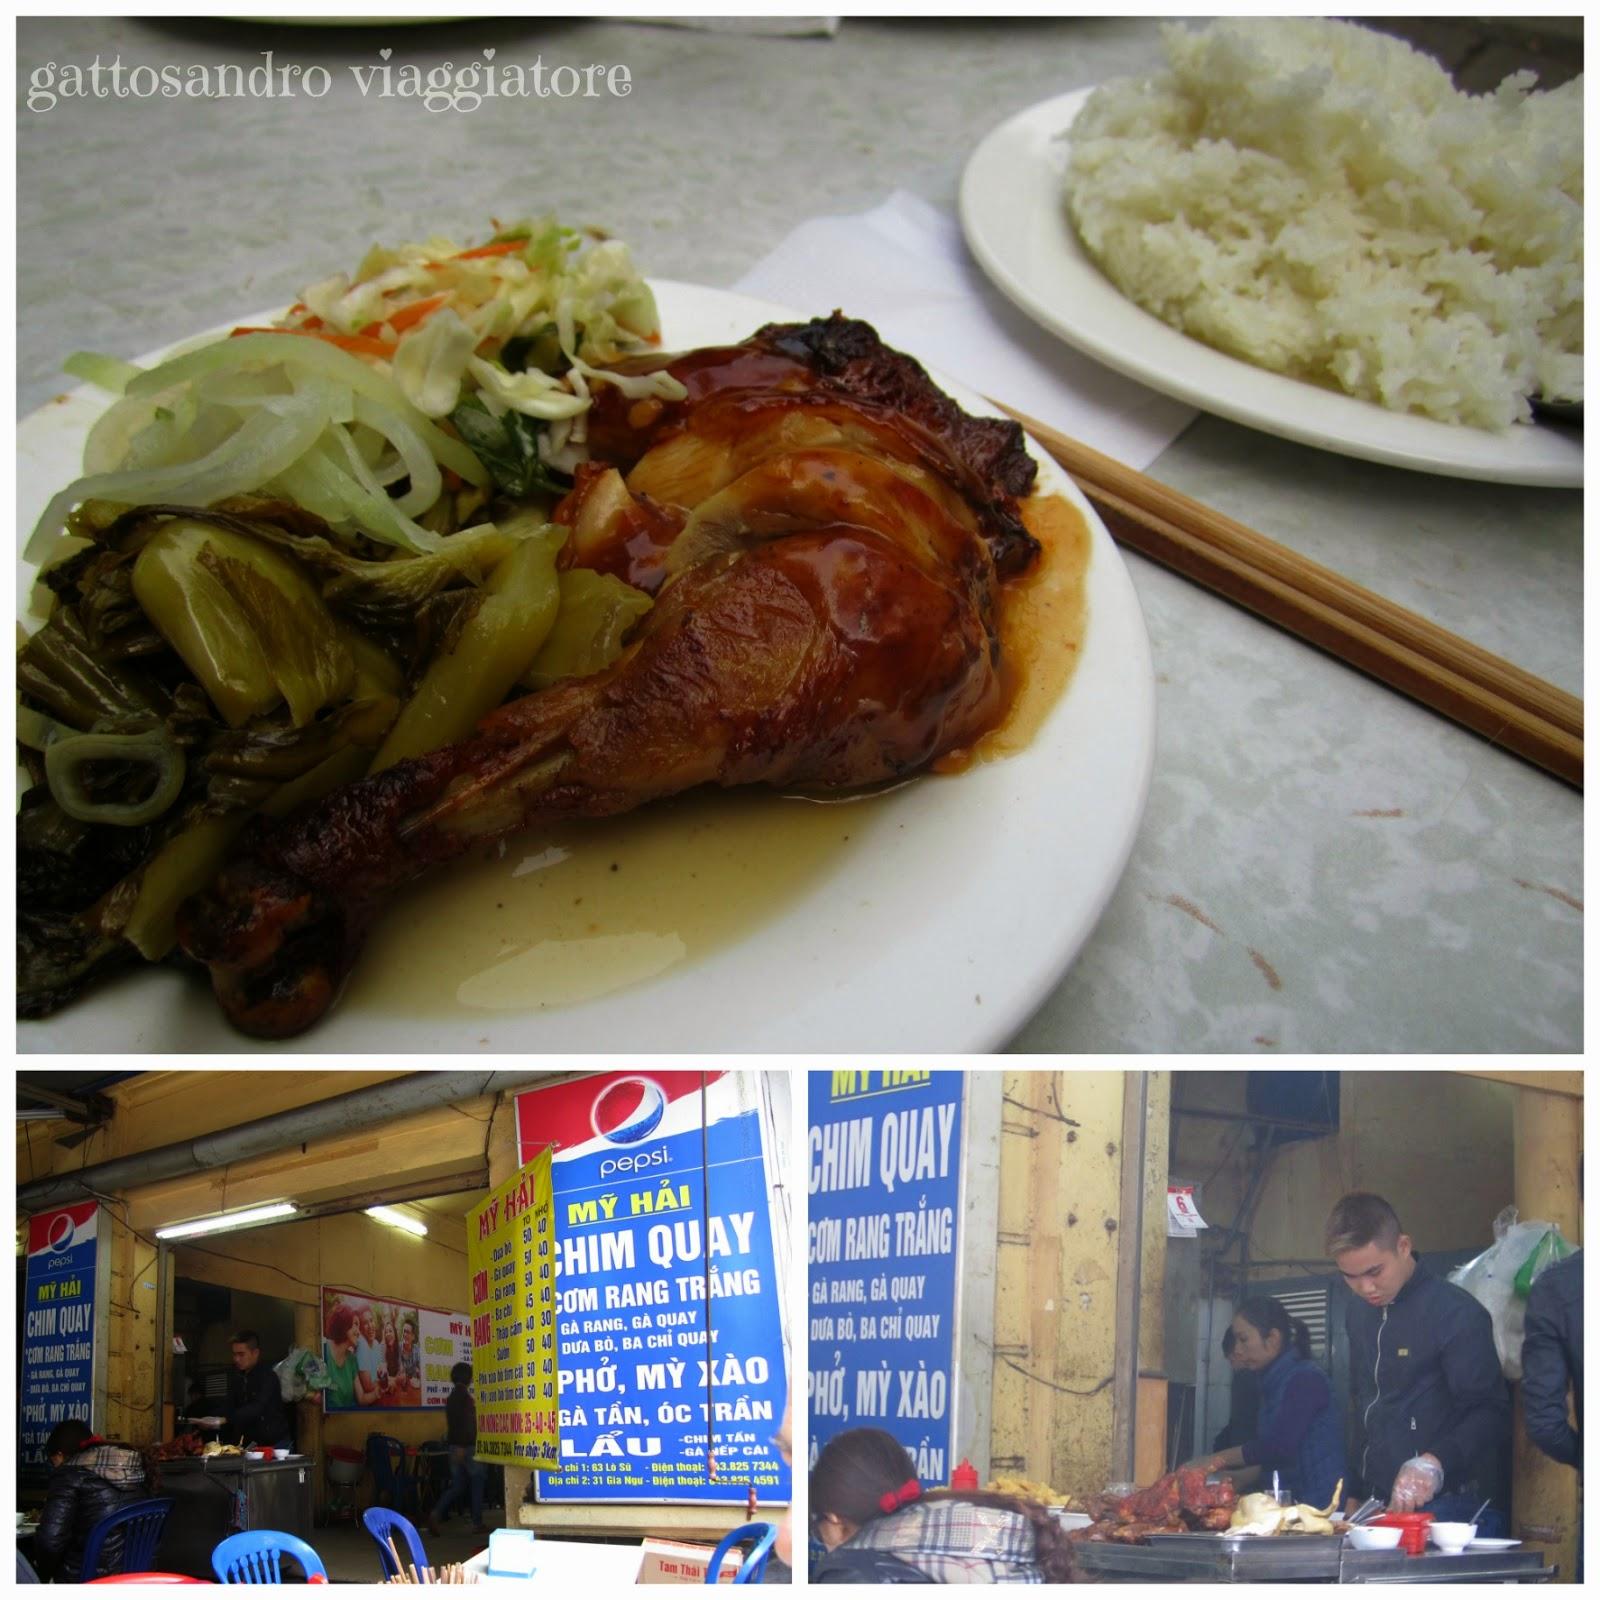 Pranzo vietnamita